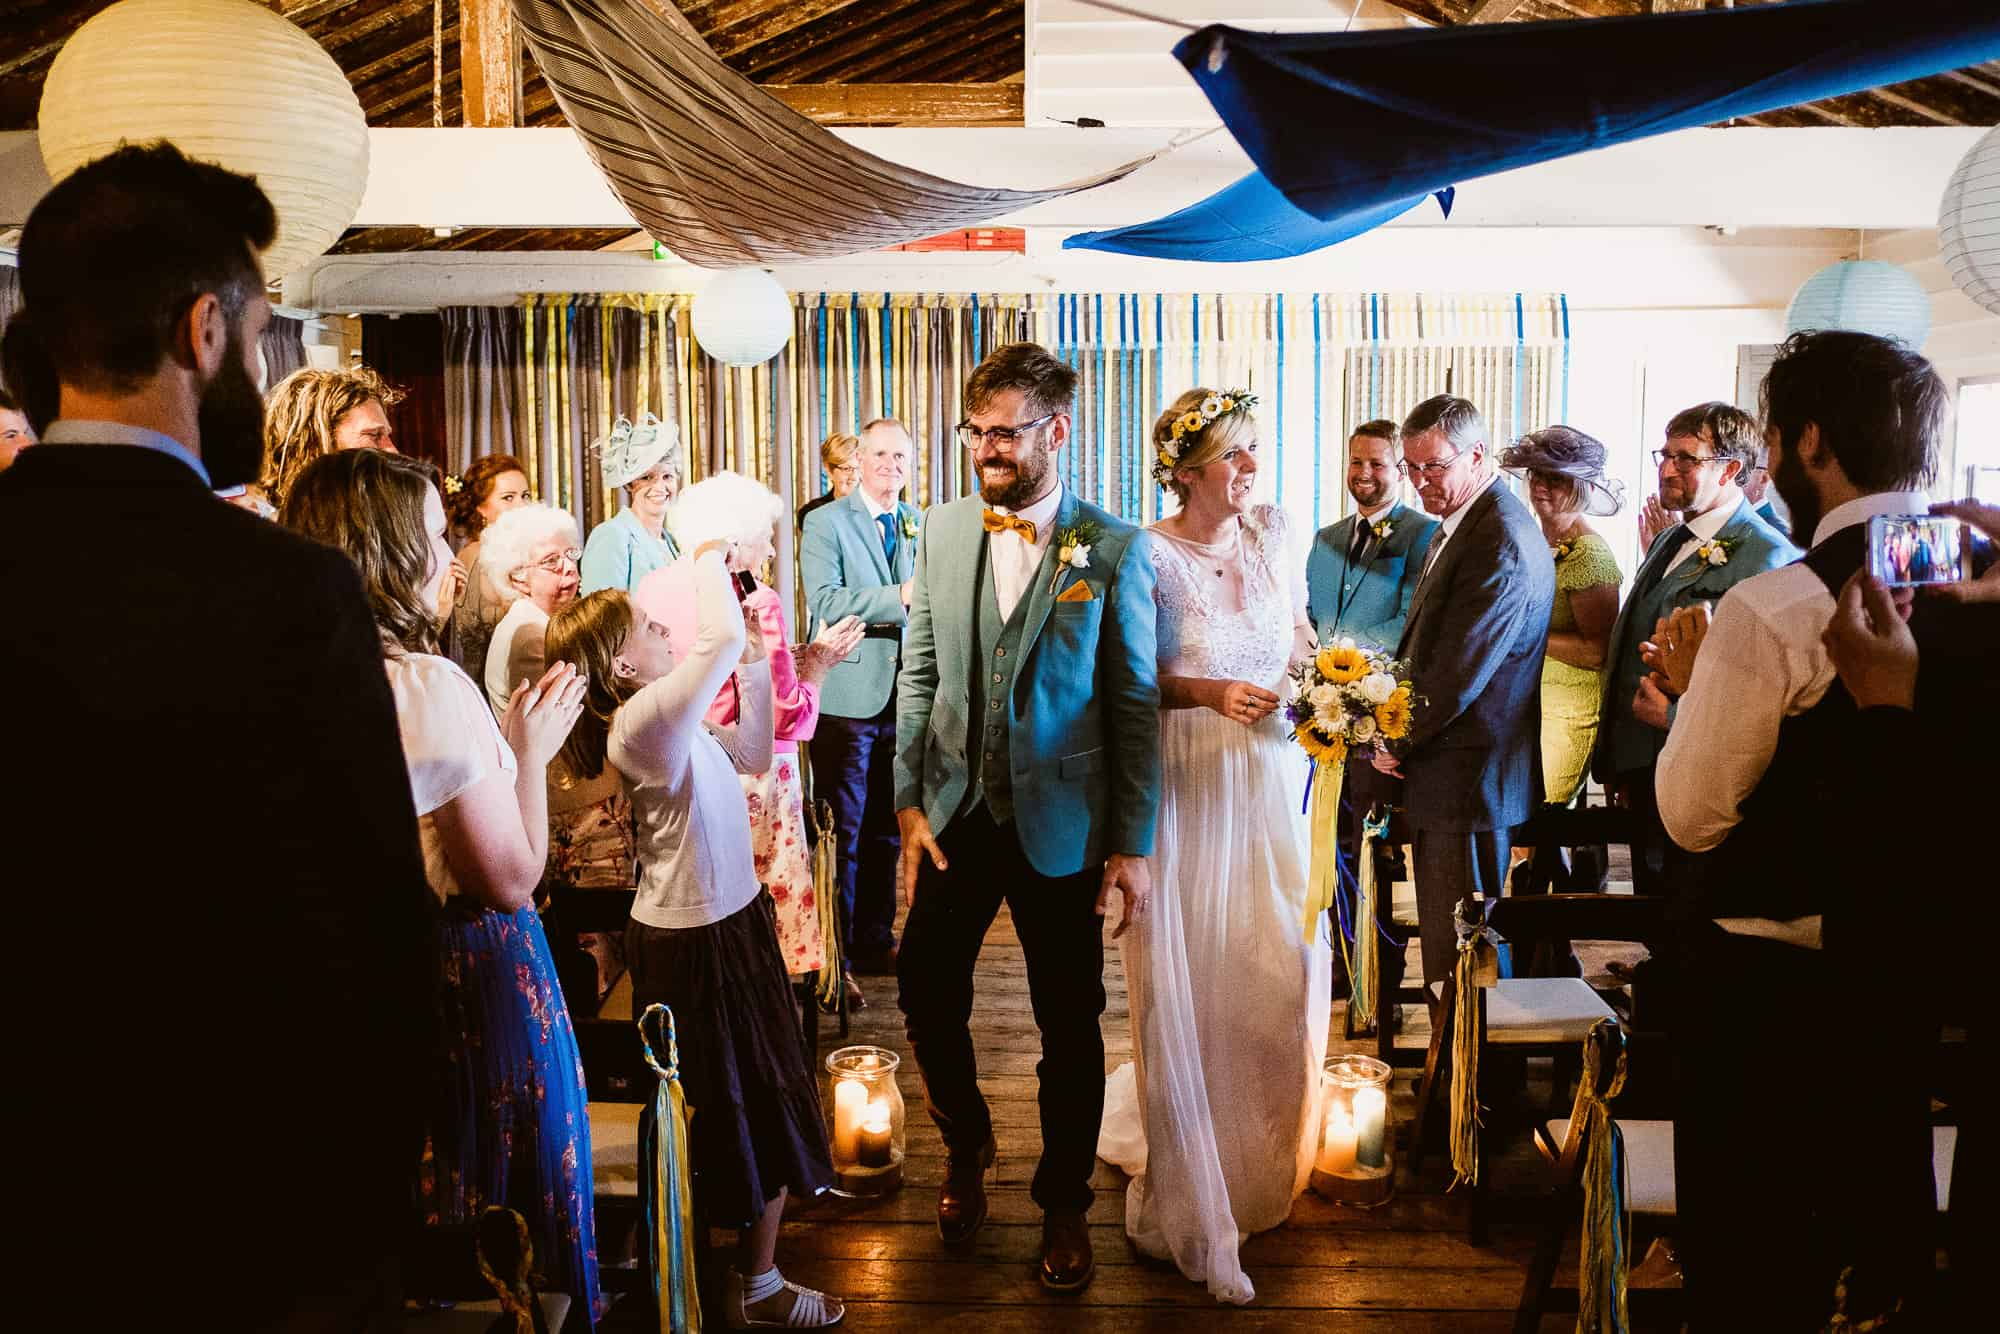 east-quay-wedding-photography-matt-tyler-0040